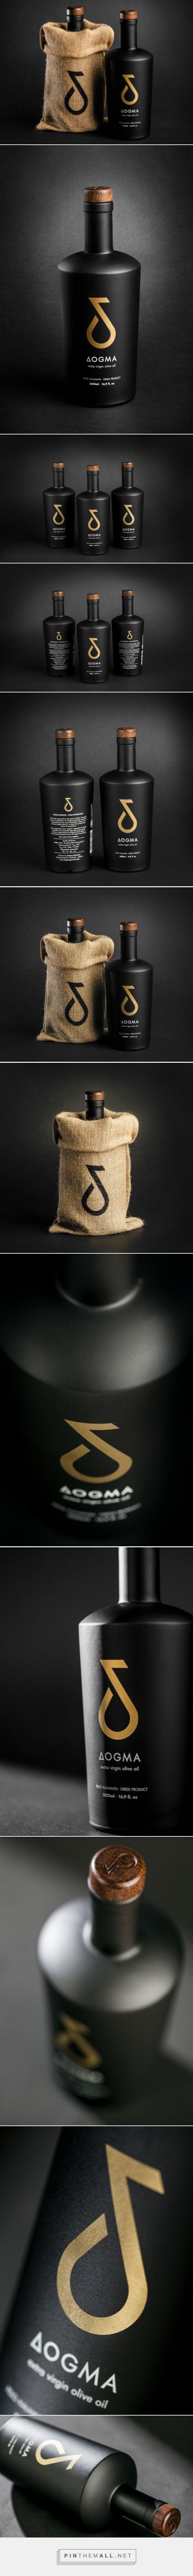 ΔOGMA Extra Virgin Olive Oil by Ioannis Fetanis for Dogma Gourmet